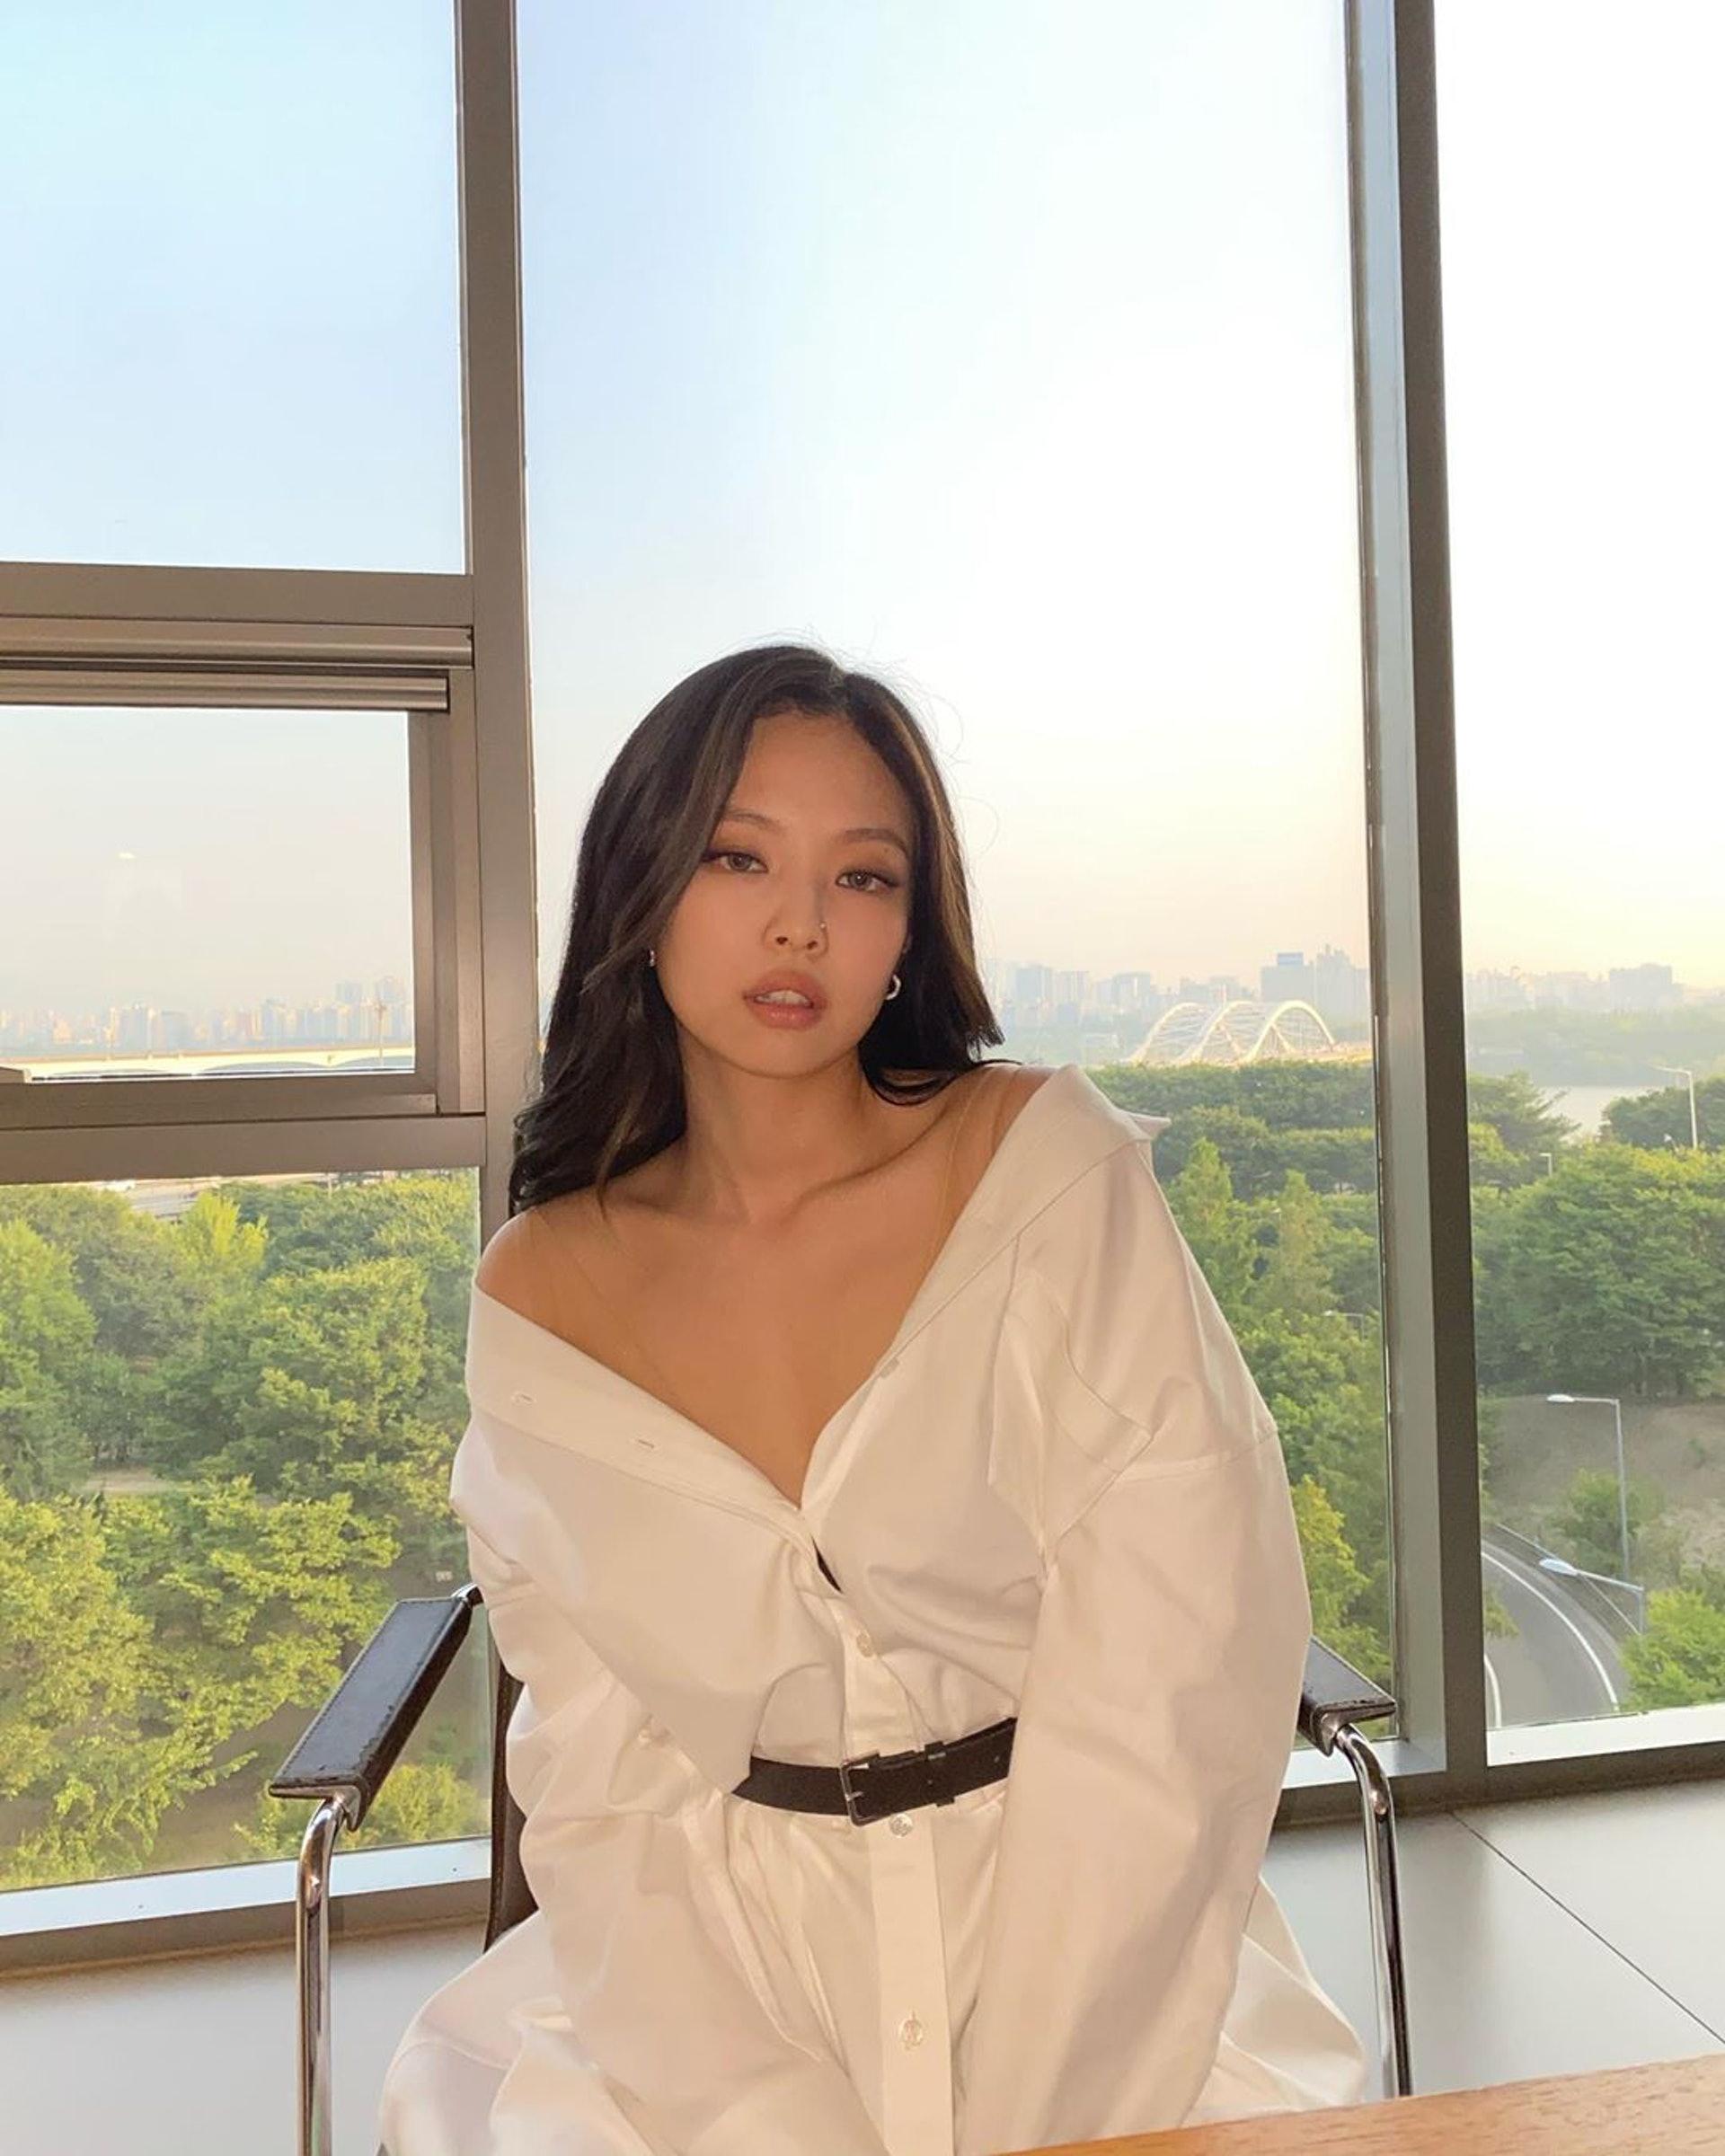 Cùng là 1 mẫu blouse/sơ mi nhưng hội BLACKPINK có cả tỷ kiểu mix, muốn ngây thơ hay sexy ỡm ờ đều ok hết - Ảnh 3.